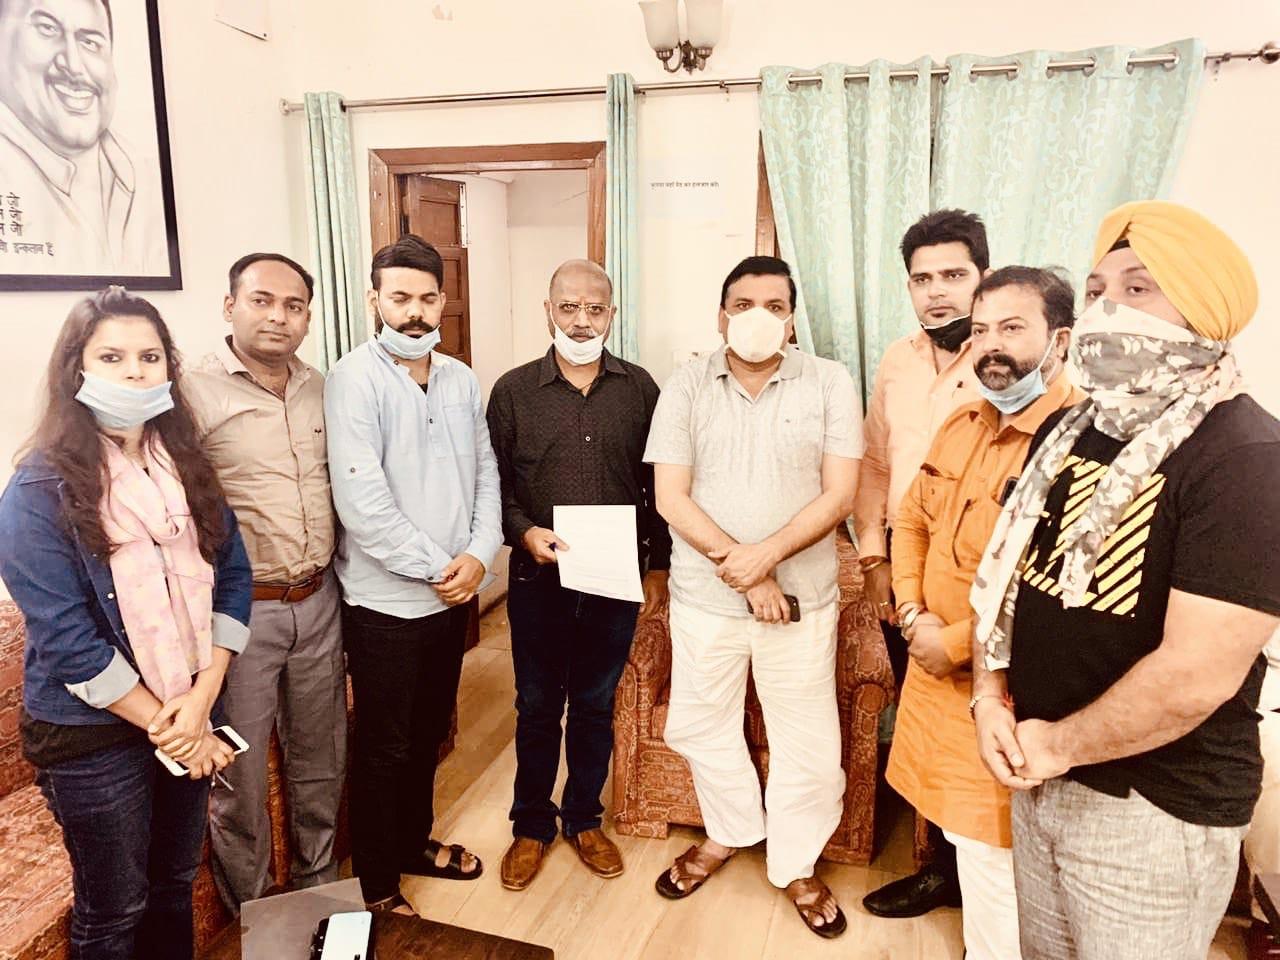 आम्रपाली के ख़रीदारों ने आम आदमी पार्टी के एम॰पी॰ एवं उत्तर प्रदेश के प्रभारी श्री संजय सिंह से मुलाक़ात कर समस्याओं से अवगत कराया